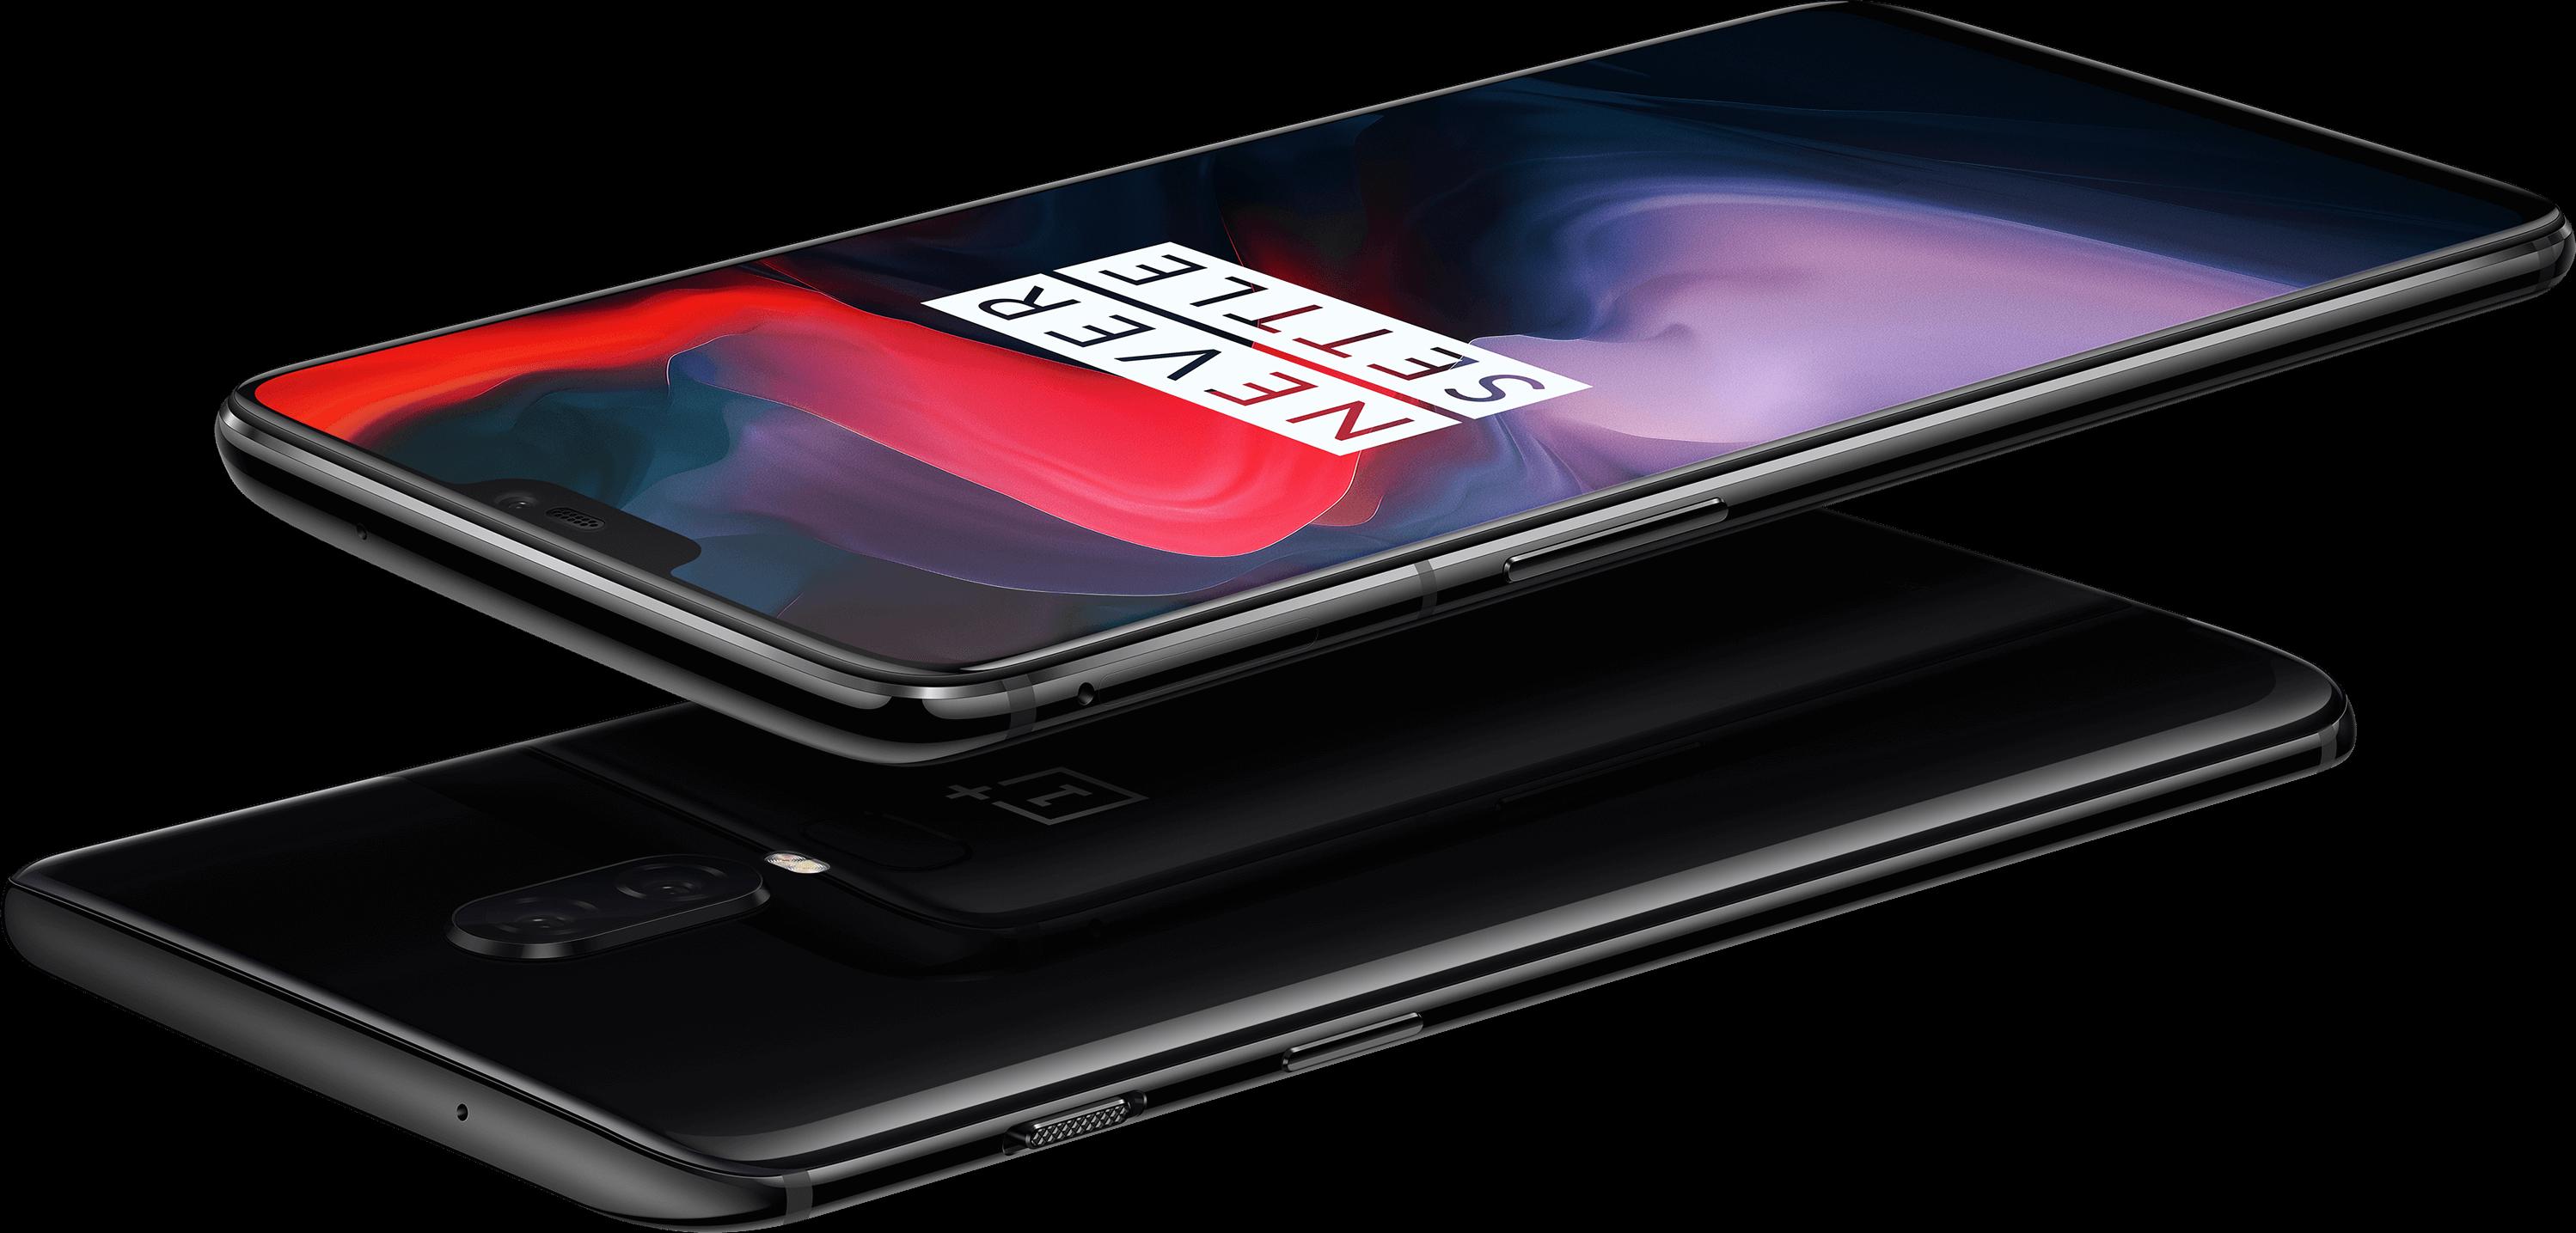 Скорость, монобровь и прочность: встречаем OnePlus 6